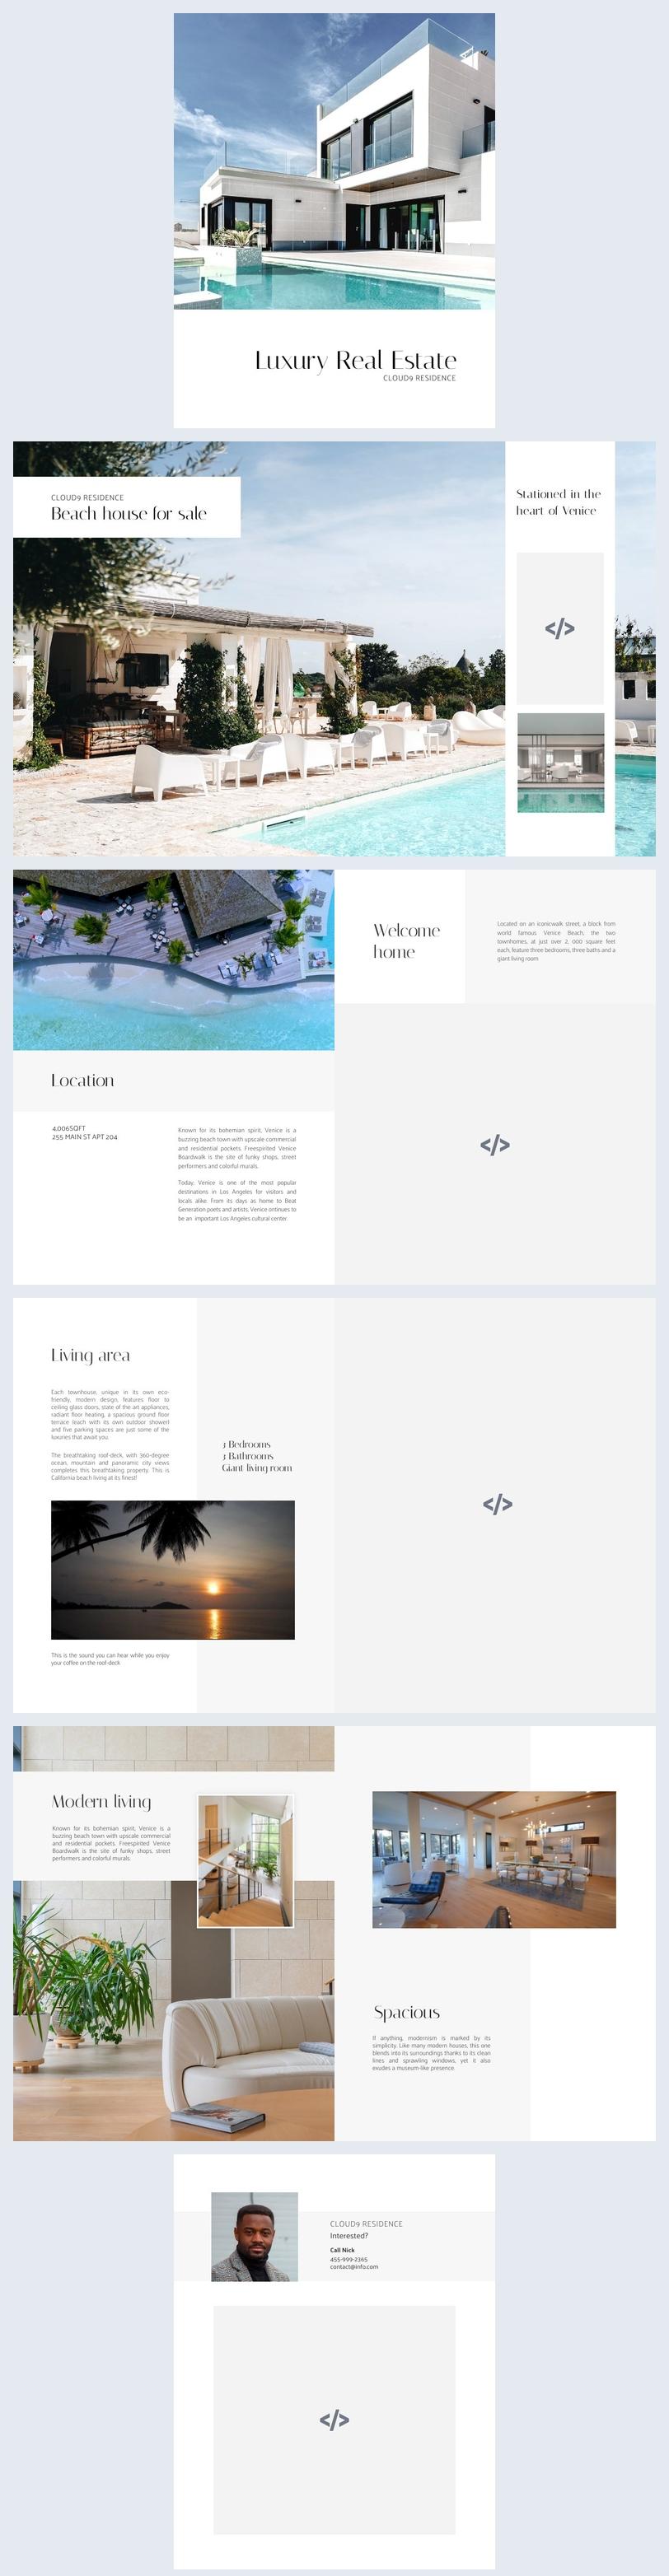 Muestra de diseño para folleto inmobiliario de lujo